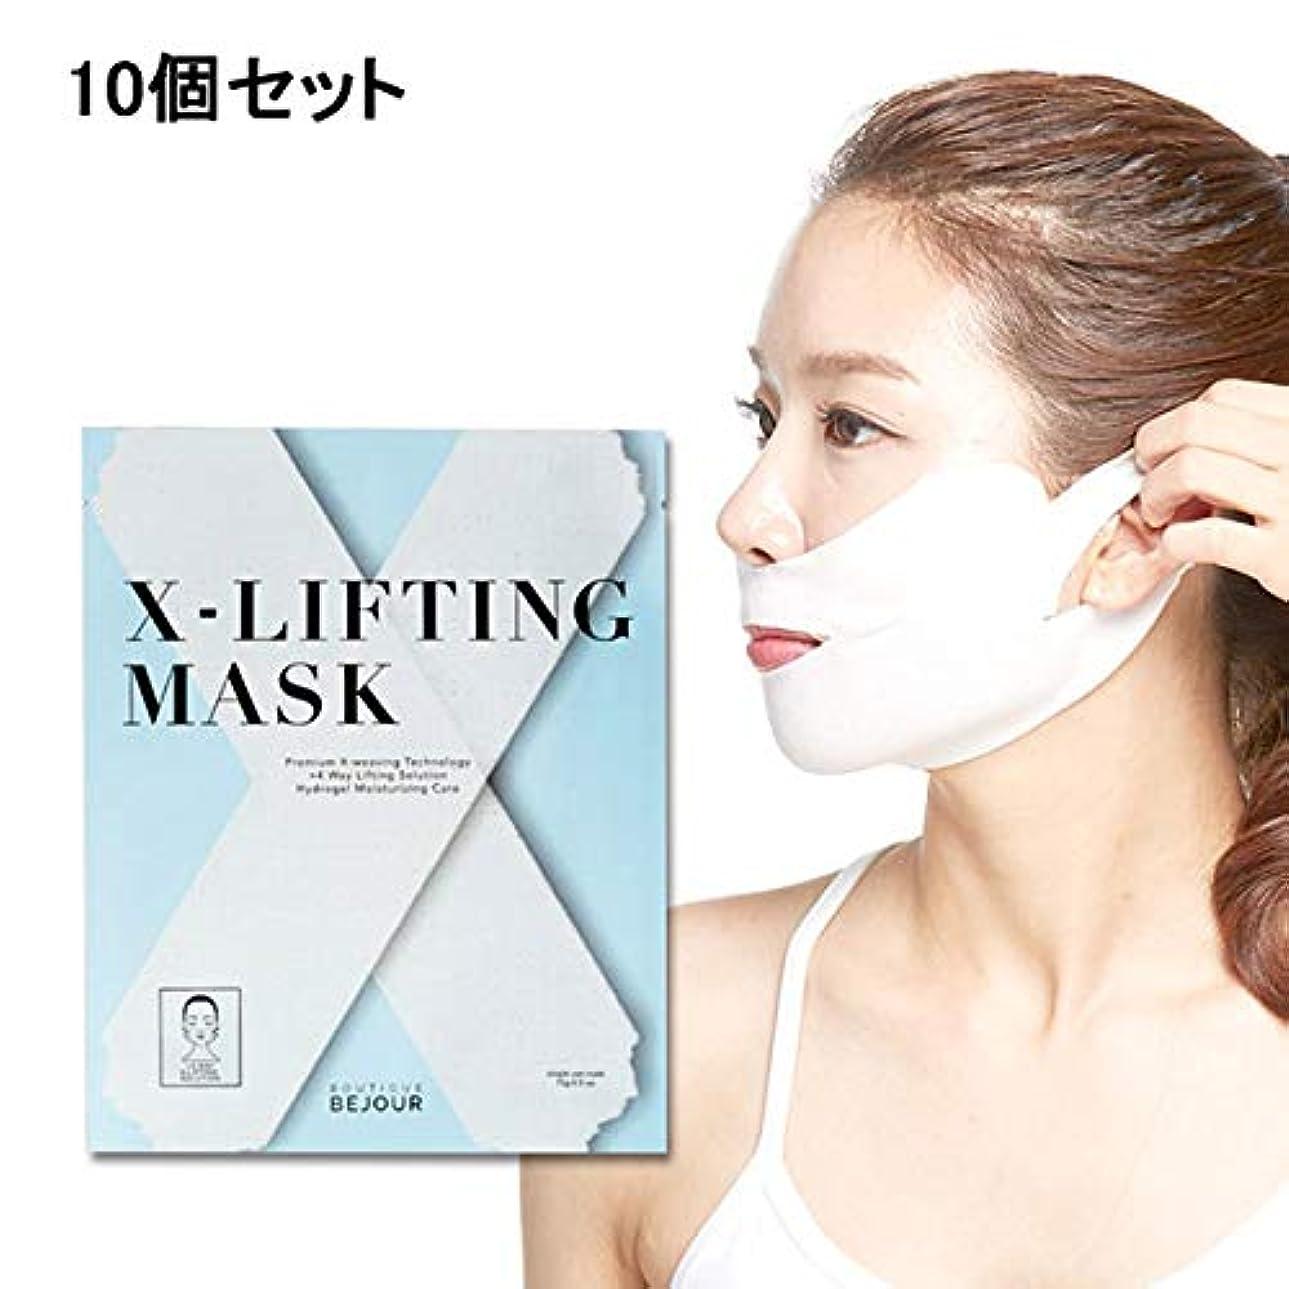 ピラミッド無声でキュービック< ビジュール > X-Lifting (エックスリフティング) マスク (10個セット) [ リフトアップ フェイスマスク フェイスシート フェイスパック フェイシャルマスク シートマスク フェイシャルシート フェイシャルパック...